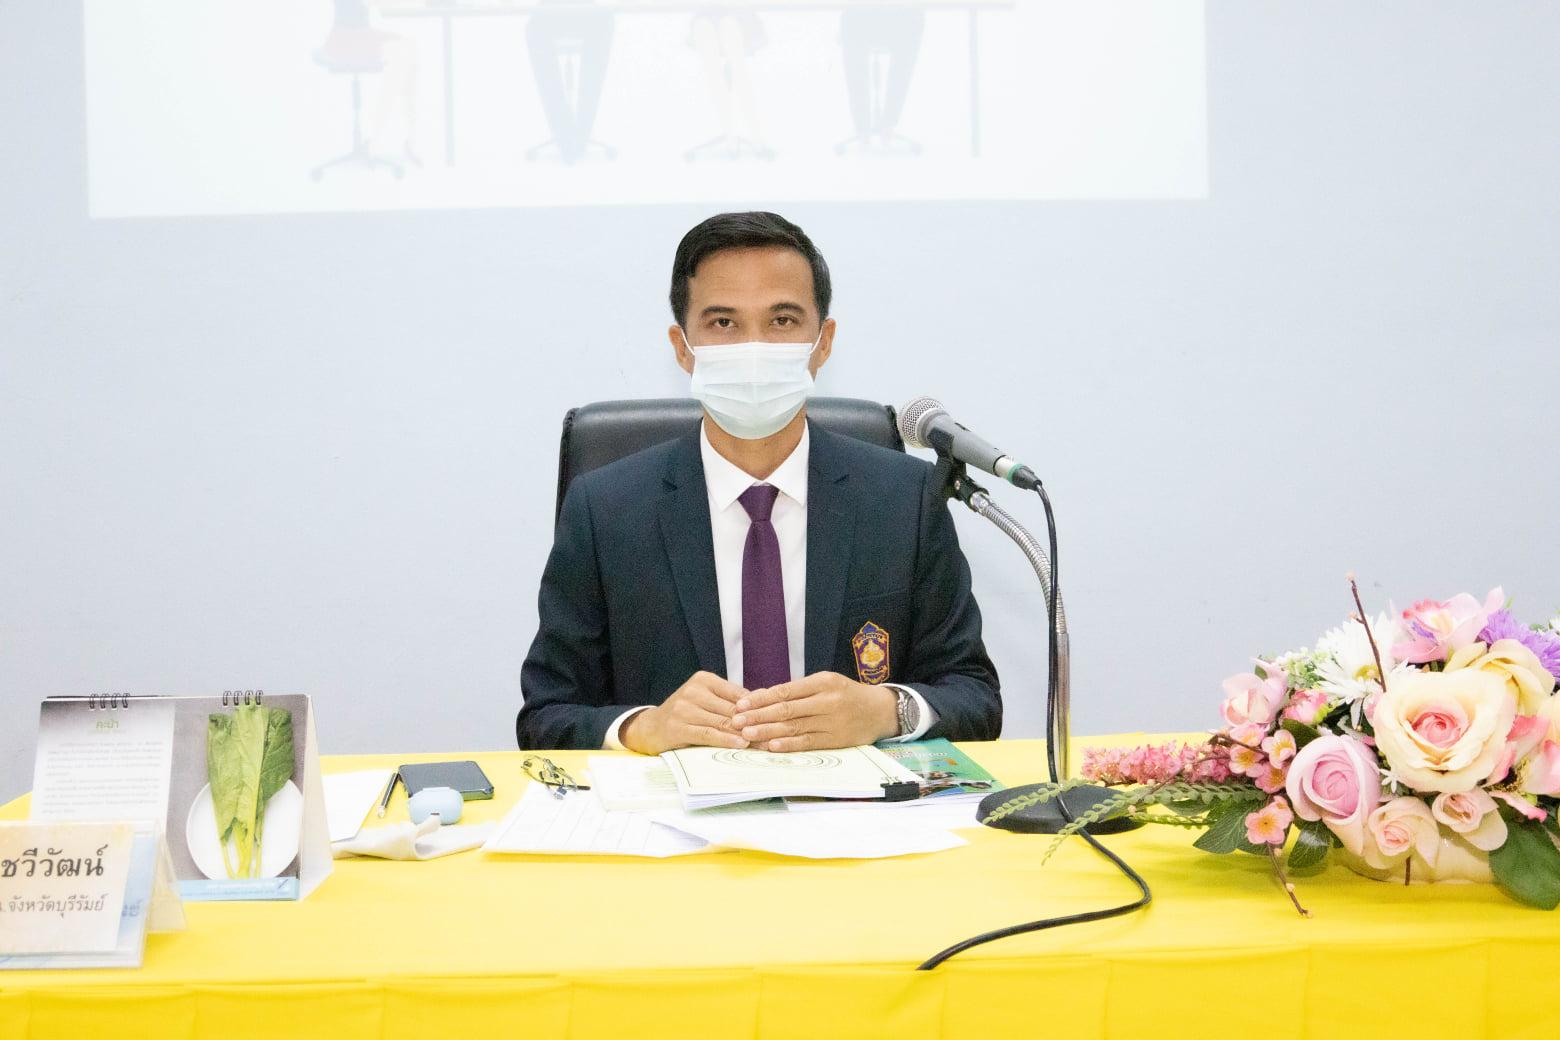 สำนักงาน กศน.จังหวัดบุรีรัมย์ จัดการประชุมผู้บริหารสถานศึกษา และบุคลากร สำนักงาน กศน.จังหวัดบุรีรัมย์ ครั้งที่ 6/2564 ประจำเดือนมิถุนายน 2564